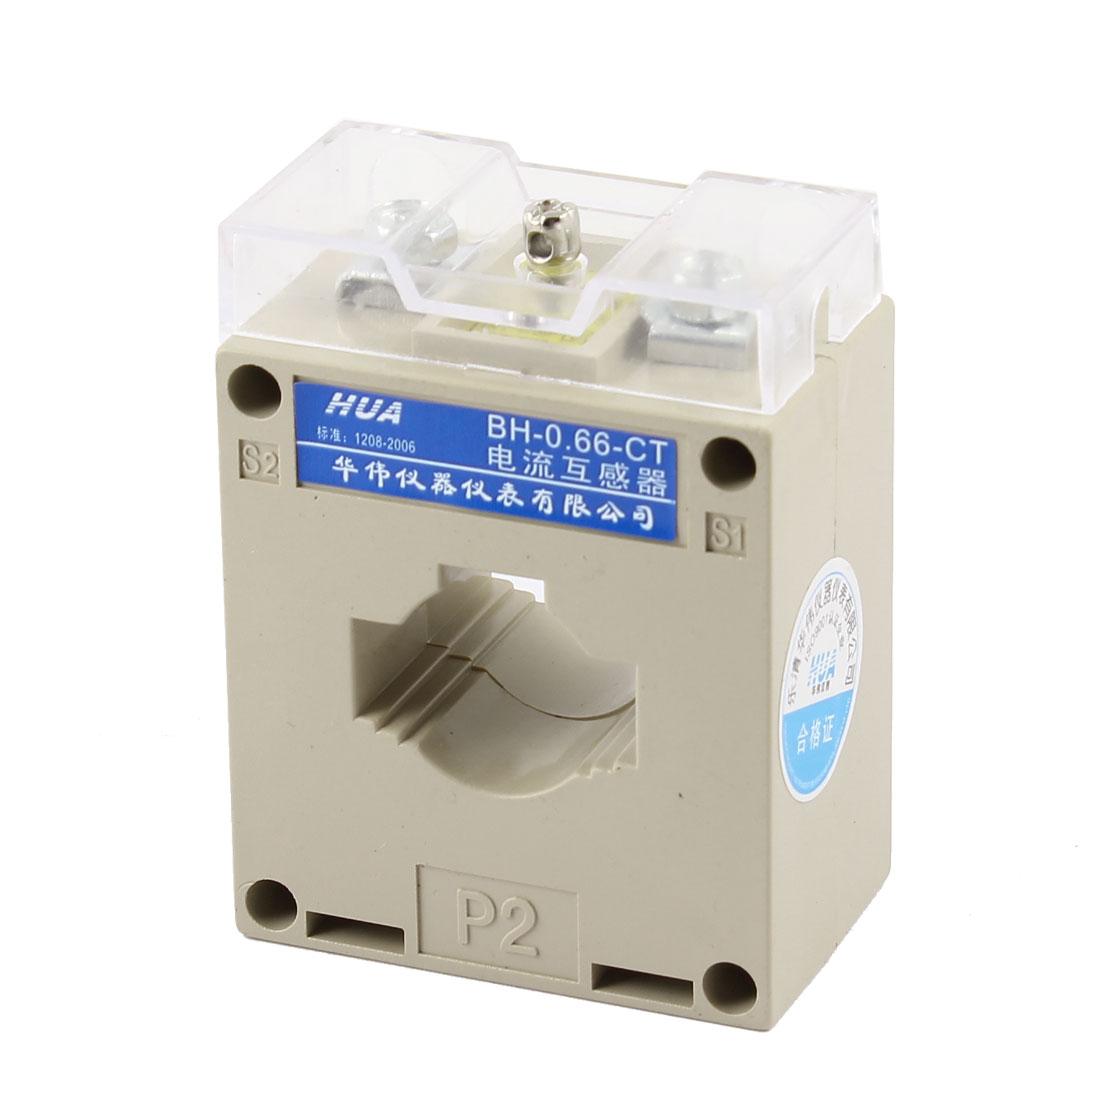 2.5VA Rated Load 20/5 Ratio Current Transformer 0.66KV BH-0.66-CT